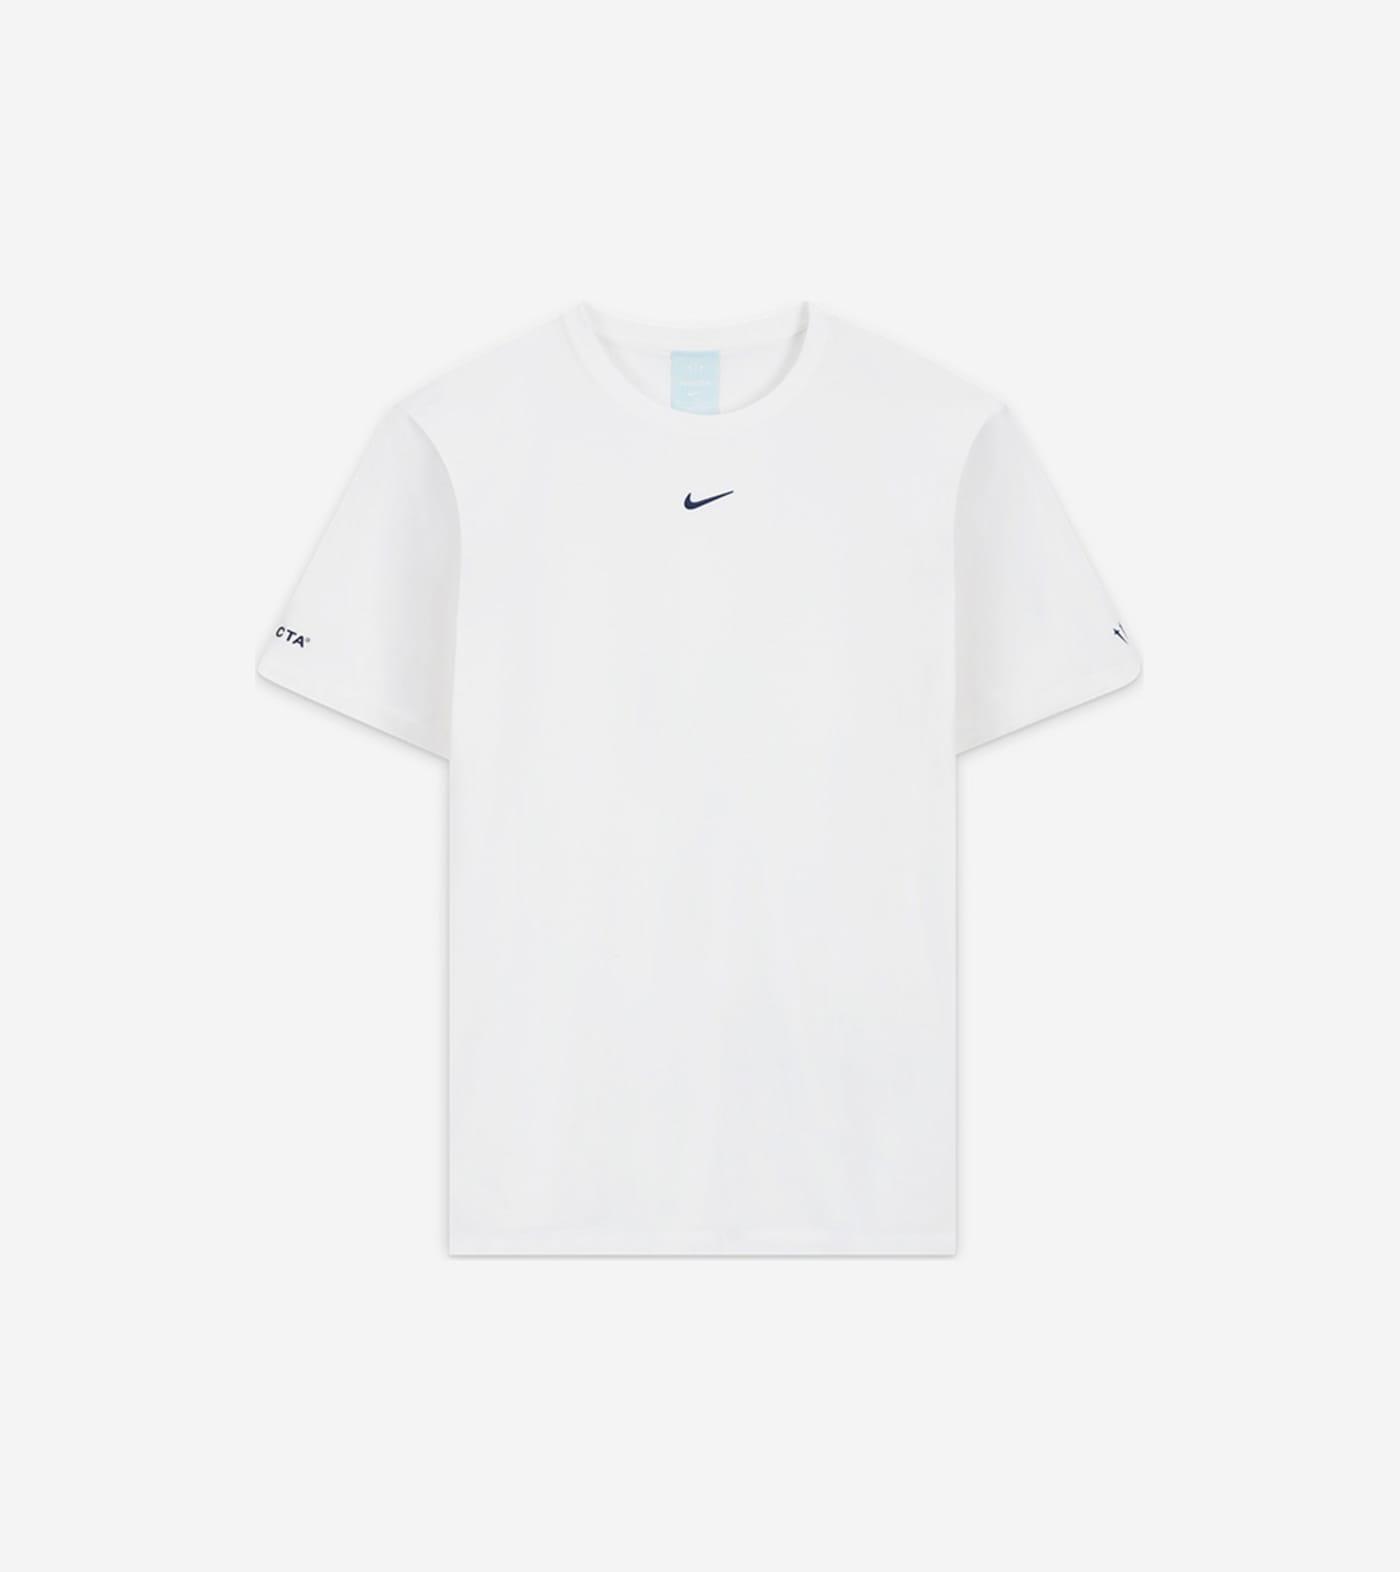 nike-t-shirt-2